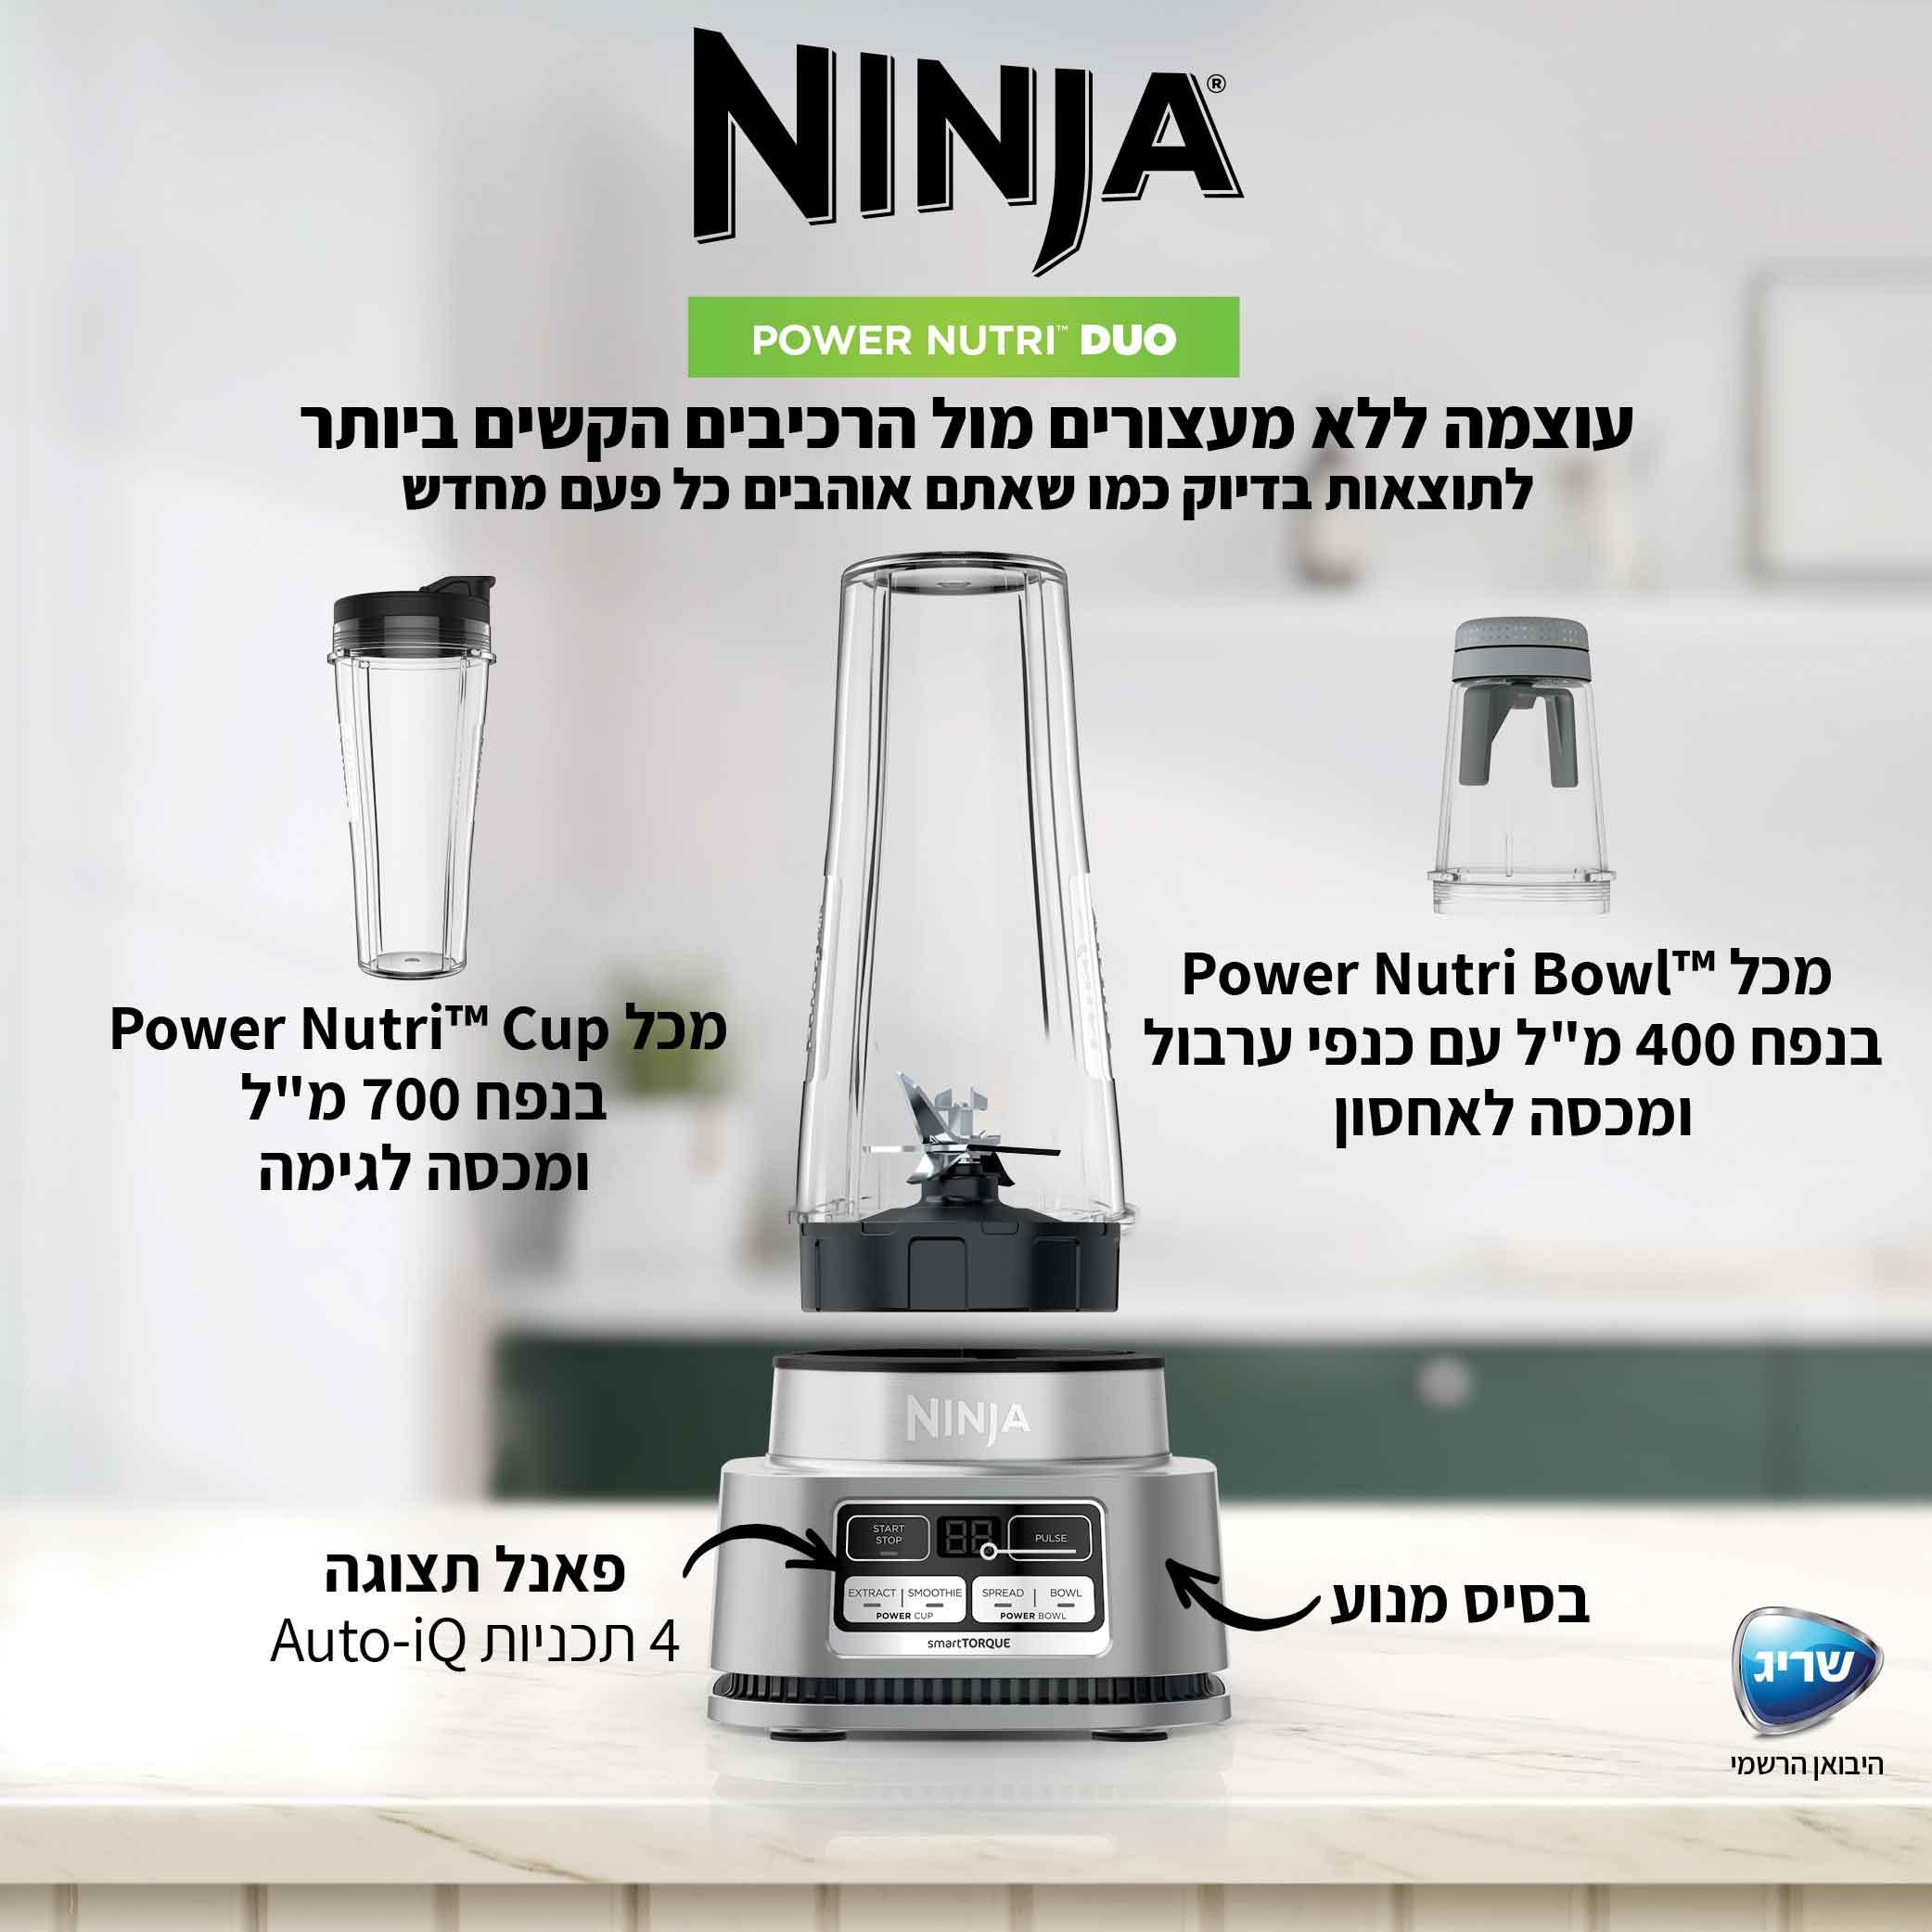 בלנדר מקצועי דגם NINJA POWER NUTRI DUO CB103 נינג'ה - תמונה 9